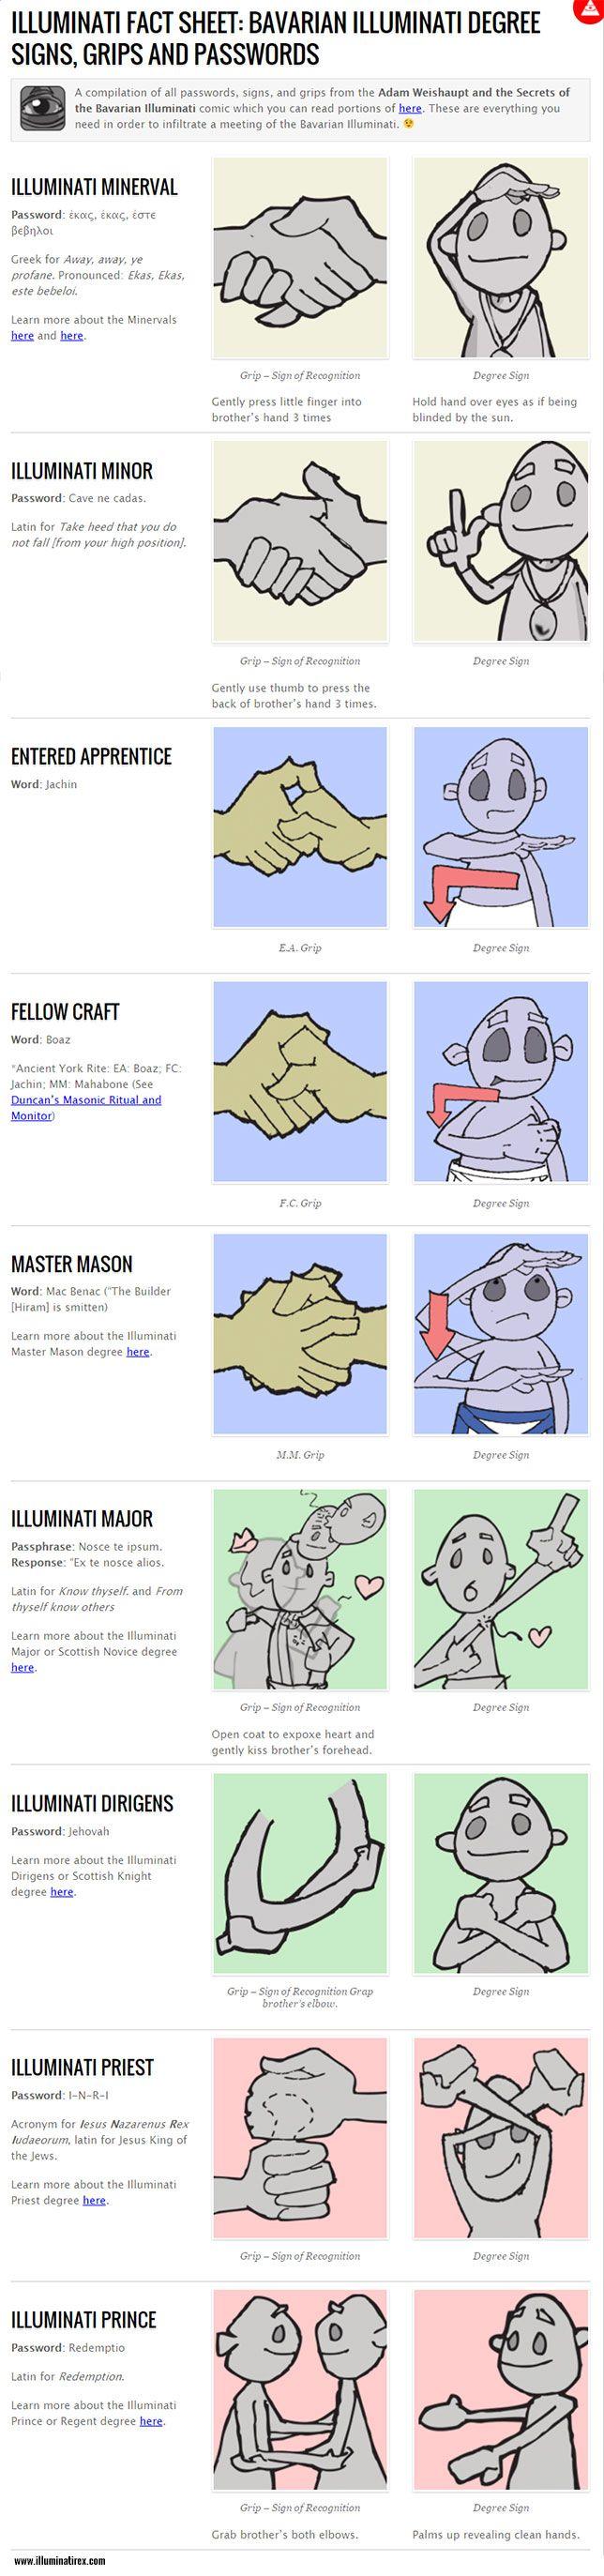 17 Best images about Bavarian Illuminati on Pinterest ...